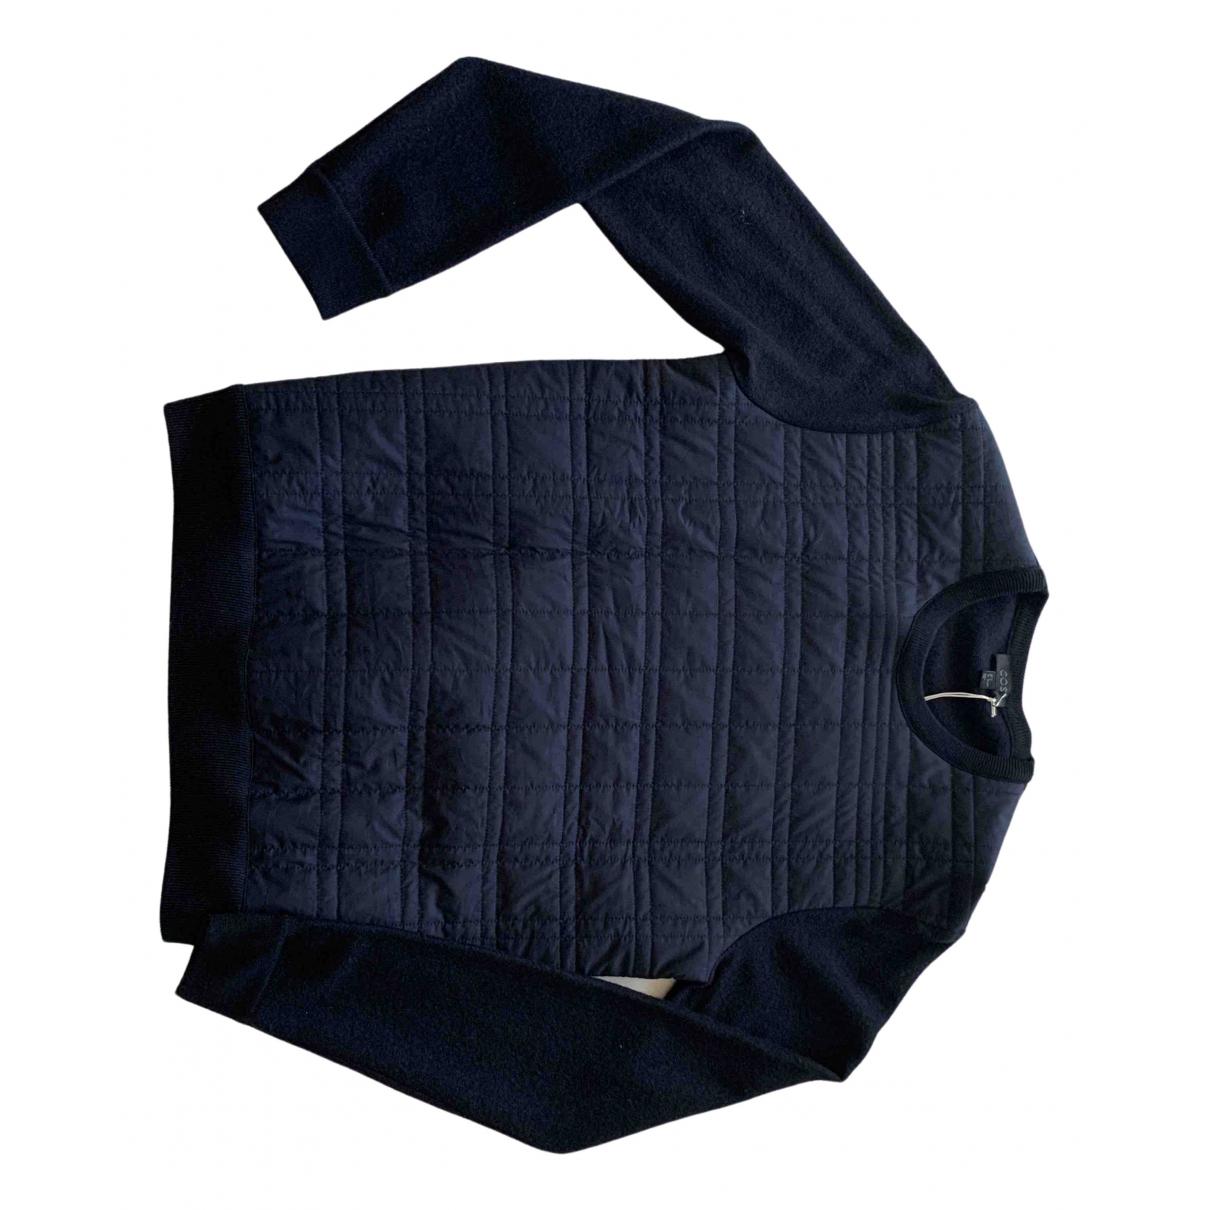 Cos - Pulls.Gilets.Sweats   pour homme en laine - bleu